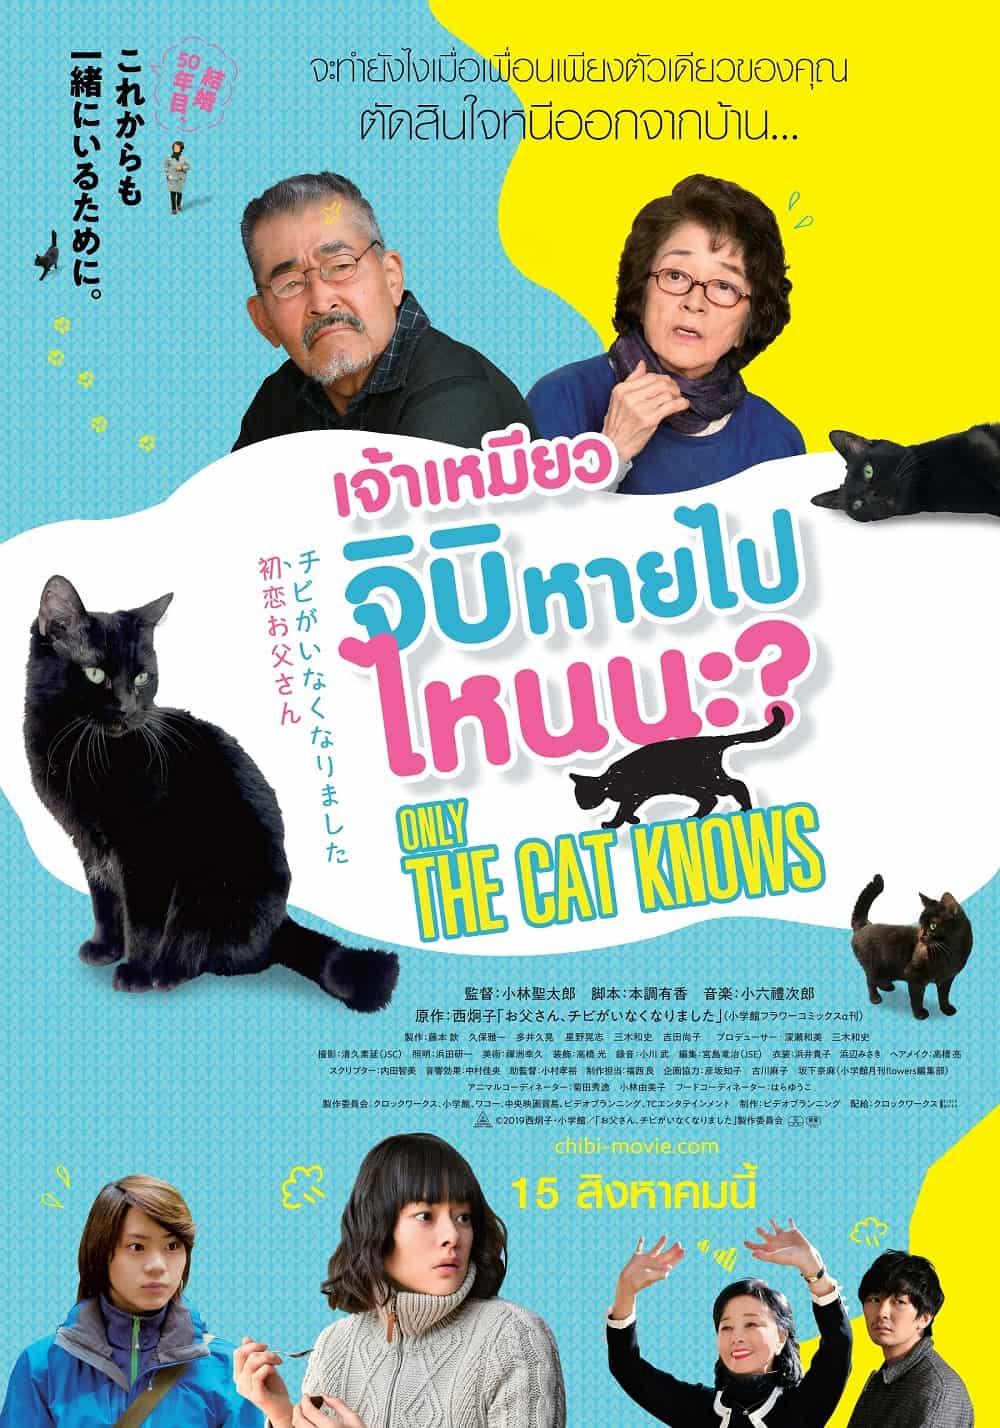 ภาพยนตร์ญี่ปุ่น Only The Cat knows เจ้าเหมียวจิบิ หายไปไหนนะ?